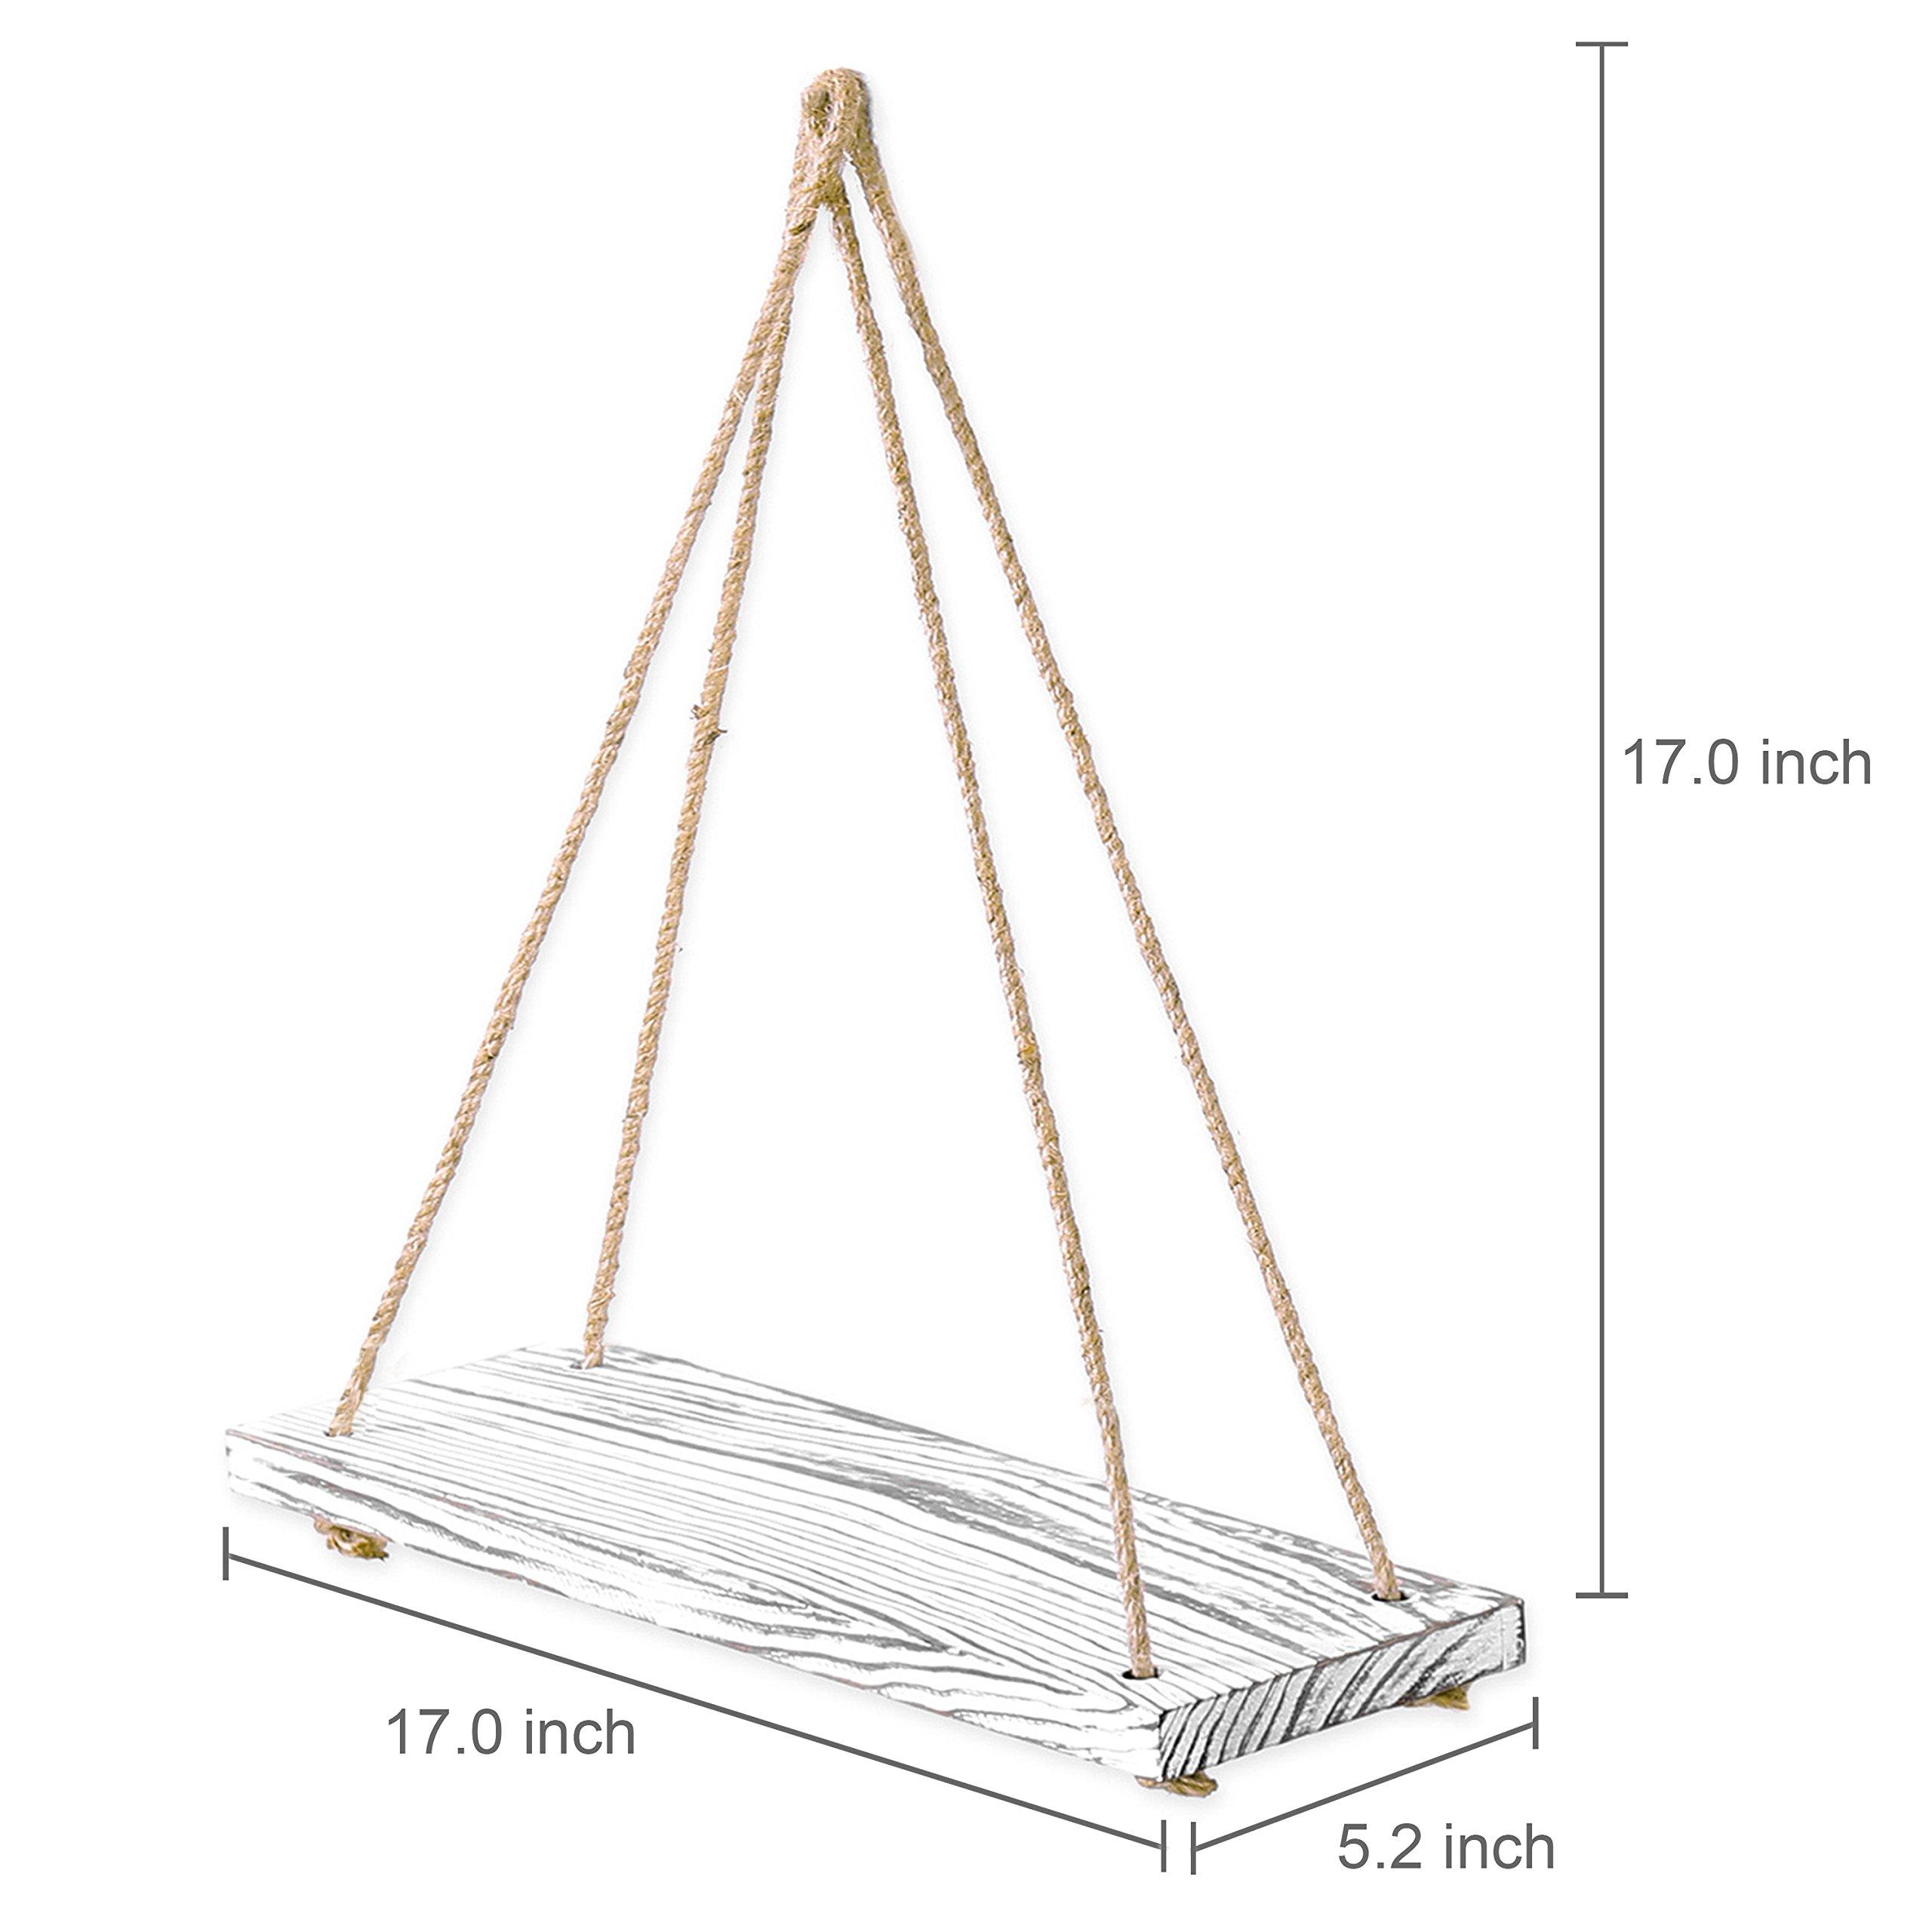 MyGift 17-inch Whitewashed Wood Hanging Rope Swing Shelves, Set of 2 by MyGift (Image #5)